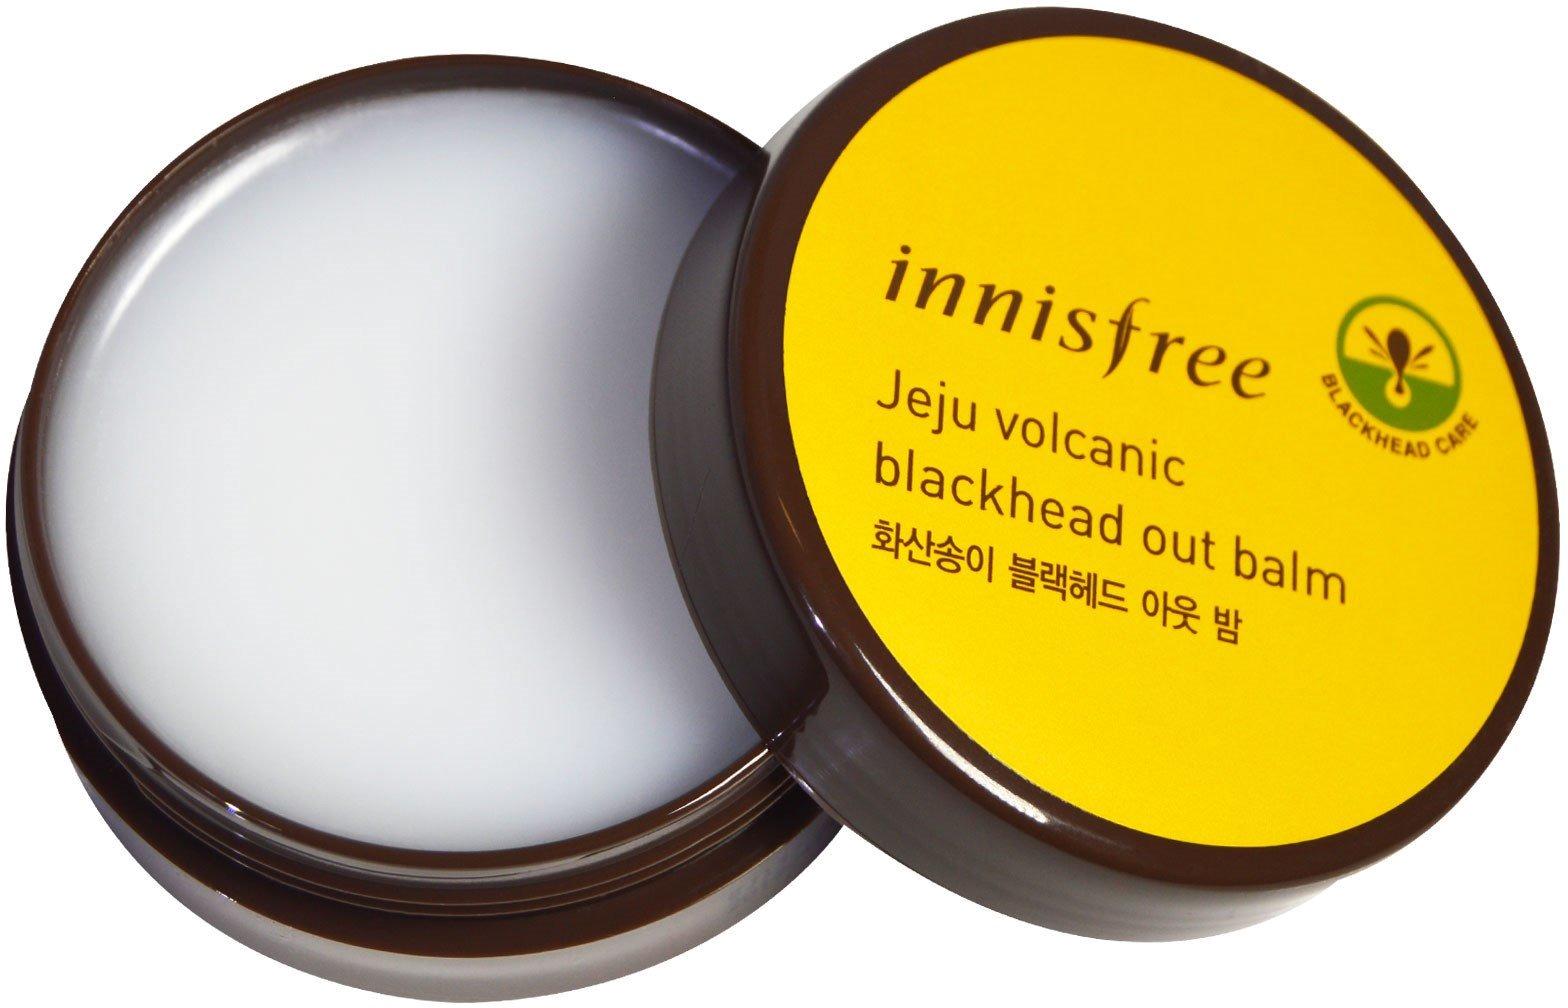 Innisfree Jeju Volcanic Black Head Out BalmНа ухоженном и здоровом личике не место черным точкам! Для того, чтобы избавиться от них без следа, раз в неделю рекомендуется проводить приятную и полезную процедуру с очищающим бальзамом Jeju Volcanic от популярного производителя Innisfree.<br><br>Основа тающего бальзама &amp;ndash; вулканический пепел, насыщенный микроэлементами и минералами, полезными для красоты кожи. Очищенный от примесей пепел не только способен мгновенно нейтрализовать бактерии, но и неплохо впитывает в себя себум, растворяя сальные пробки.<br><br>Важную роль в уходе за кожей играют и натуральный кислоты, на которые возложена миссия мягкого отшелушивания и выравнивая тона лица. В продукте также содержатся белки, смолы, ферменты, налаживающие работу клеток, улучшающие микроциркуляцию и клеточное дыхание.<br><br>Бодрящий экстракт зеленого чая быстро приводит кожу в тонус и помогает порам быстрее закрыться после окончания процедуры. Нежная камелия отвечает за нейтрализацию негативного воздействия извне, уберегая личико от преждевременного старения.<br><br>С раздражениями и покраснениями эффективно борется мякоть опунции, которая за считанные минуты способна снять неприятные болевые ощущения и запустить процесс ускоренной регенерации.<br><br>Это невероятно &amp;ndash; Black Head Out Balm по силам глубокое очищение без травмирования кожи! Продукт как будто вытягивает из пор черные точки, не оставляя им ни единого шанса.<br><br>&amp;nbsp;<br><br>Объём: 30 гр.<br><br>&amp;nbsp;<br><br>Способ применения:<br><br>Нанесите небольшую порцию бальзама на чистую и сухую кожу, помассируйте Т-зону на протяжении 5 минут, затем умойтесь без использования пенки.<br>